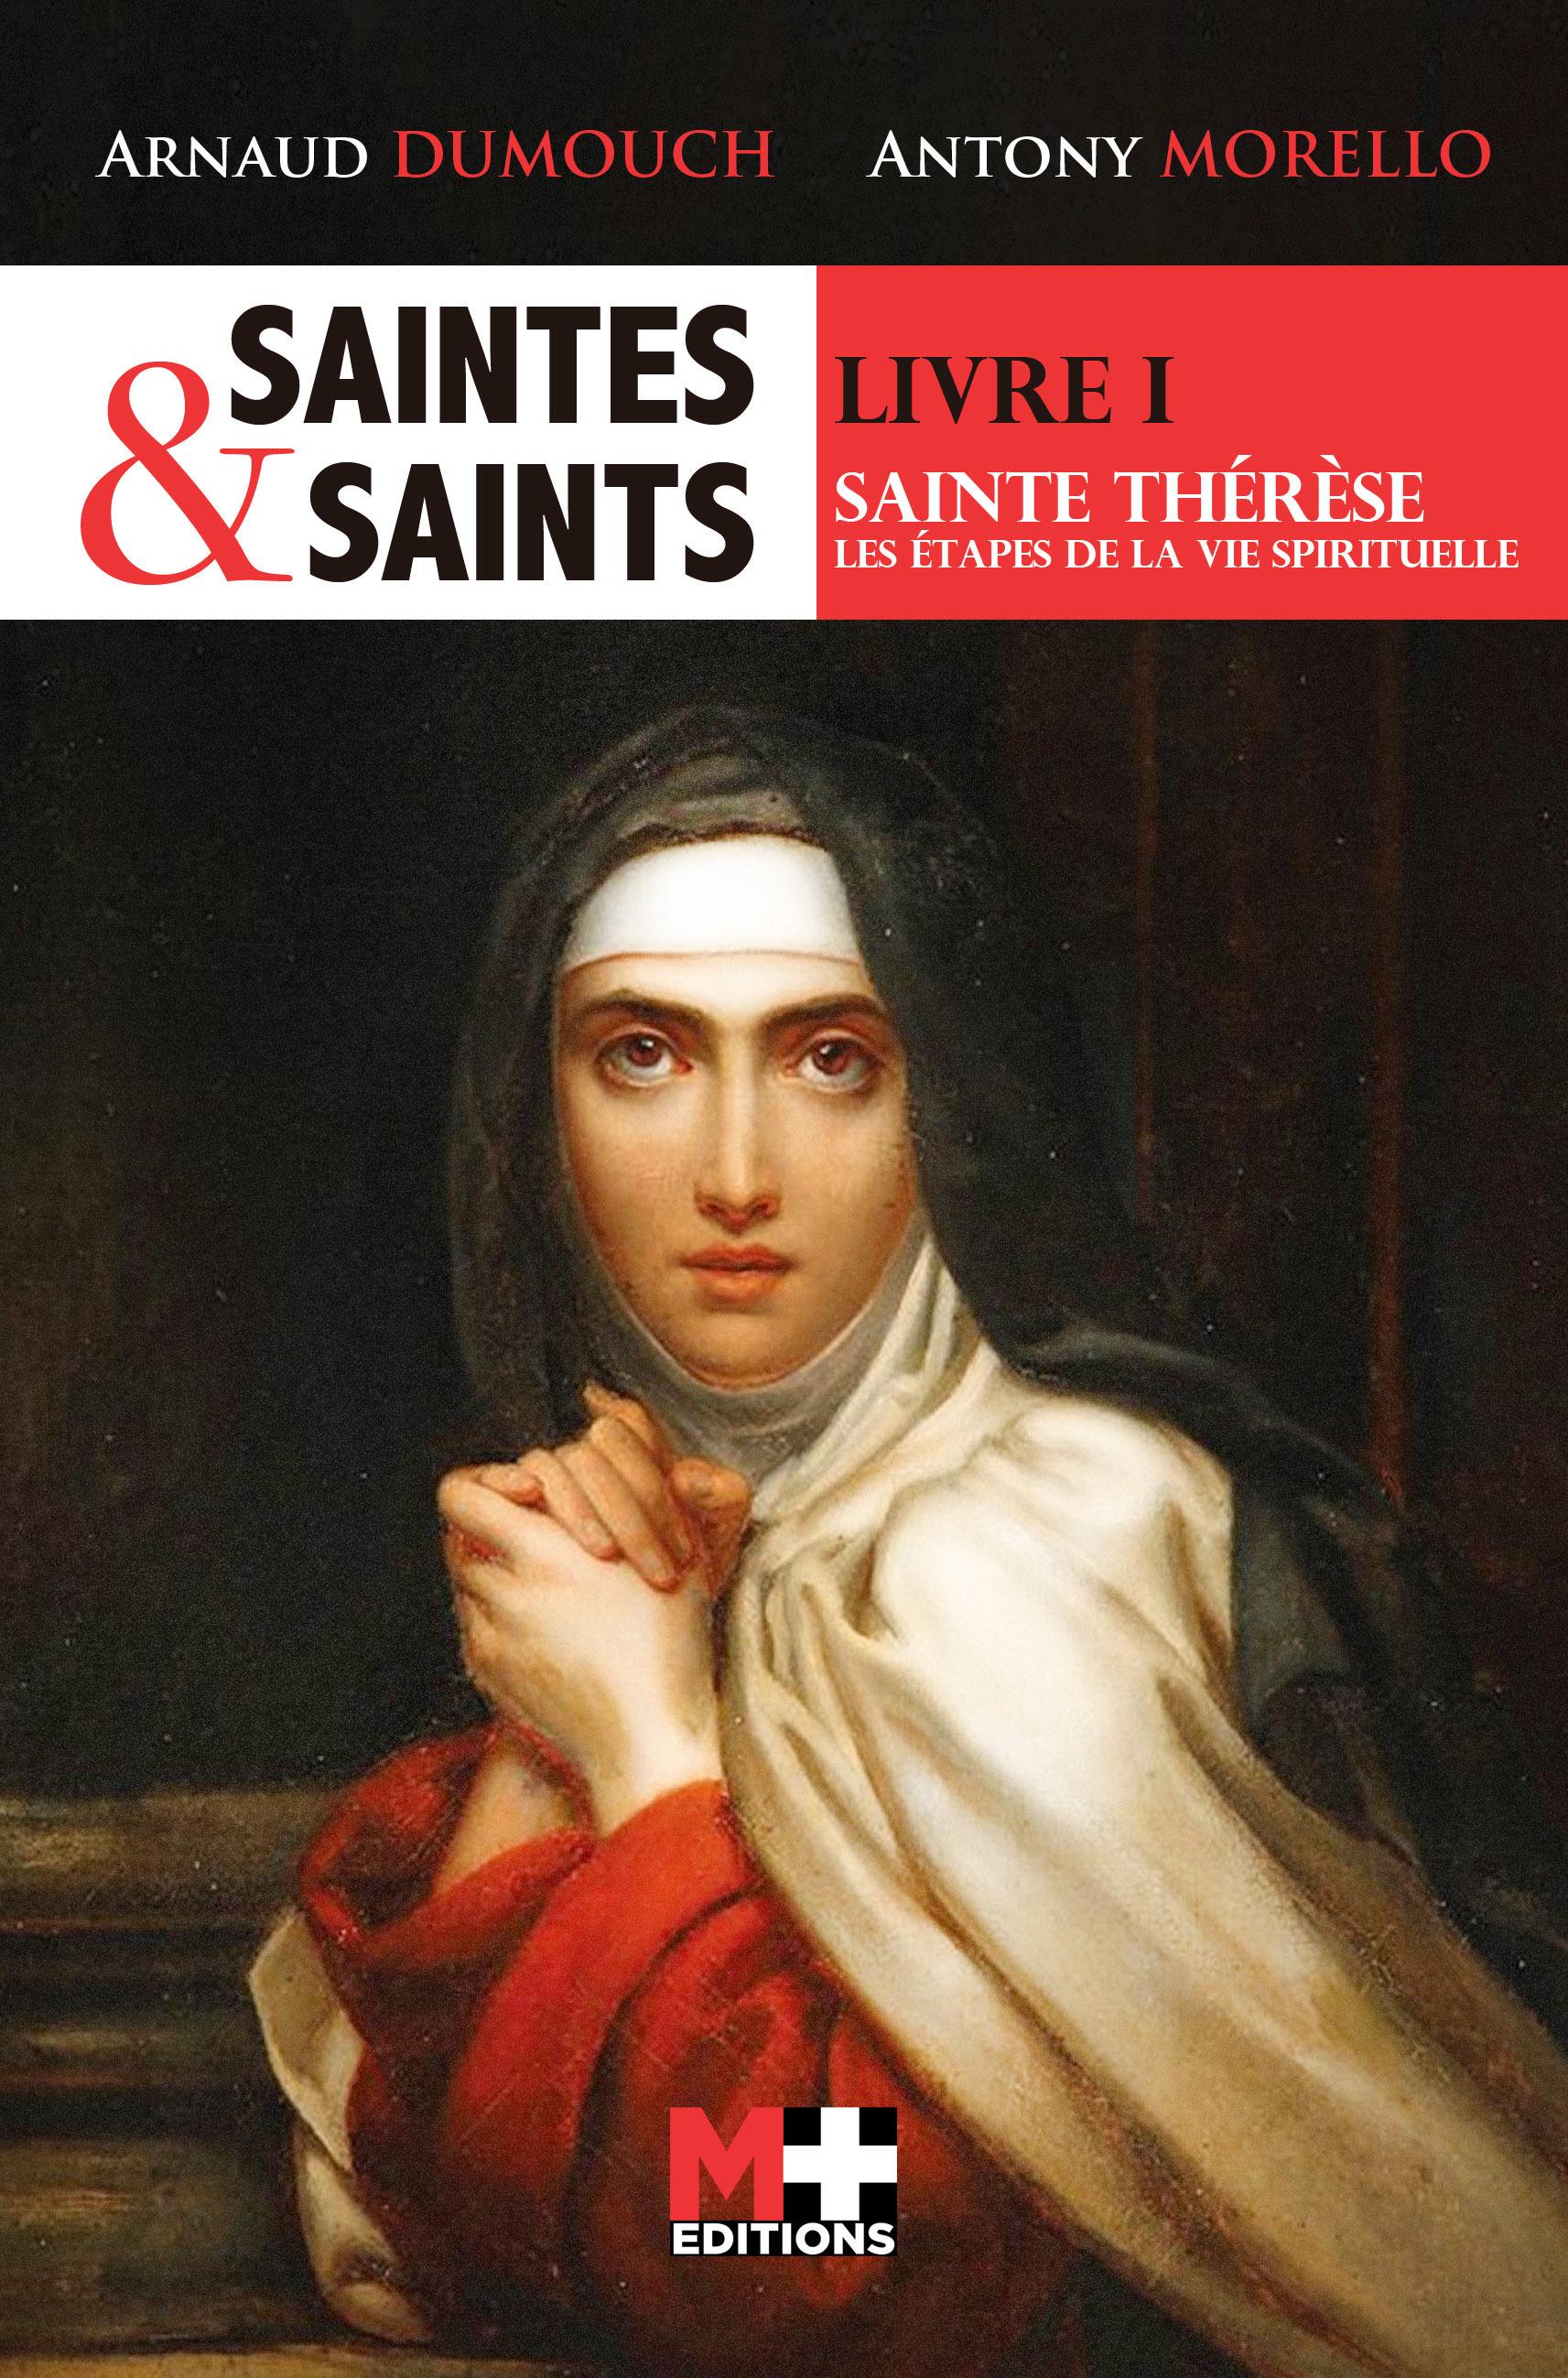 Saintes et saints t.1 ; sainte Thérèse, les étapes de la vie spirituelle